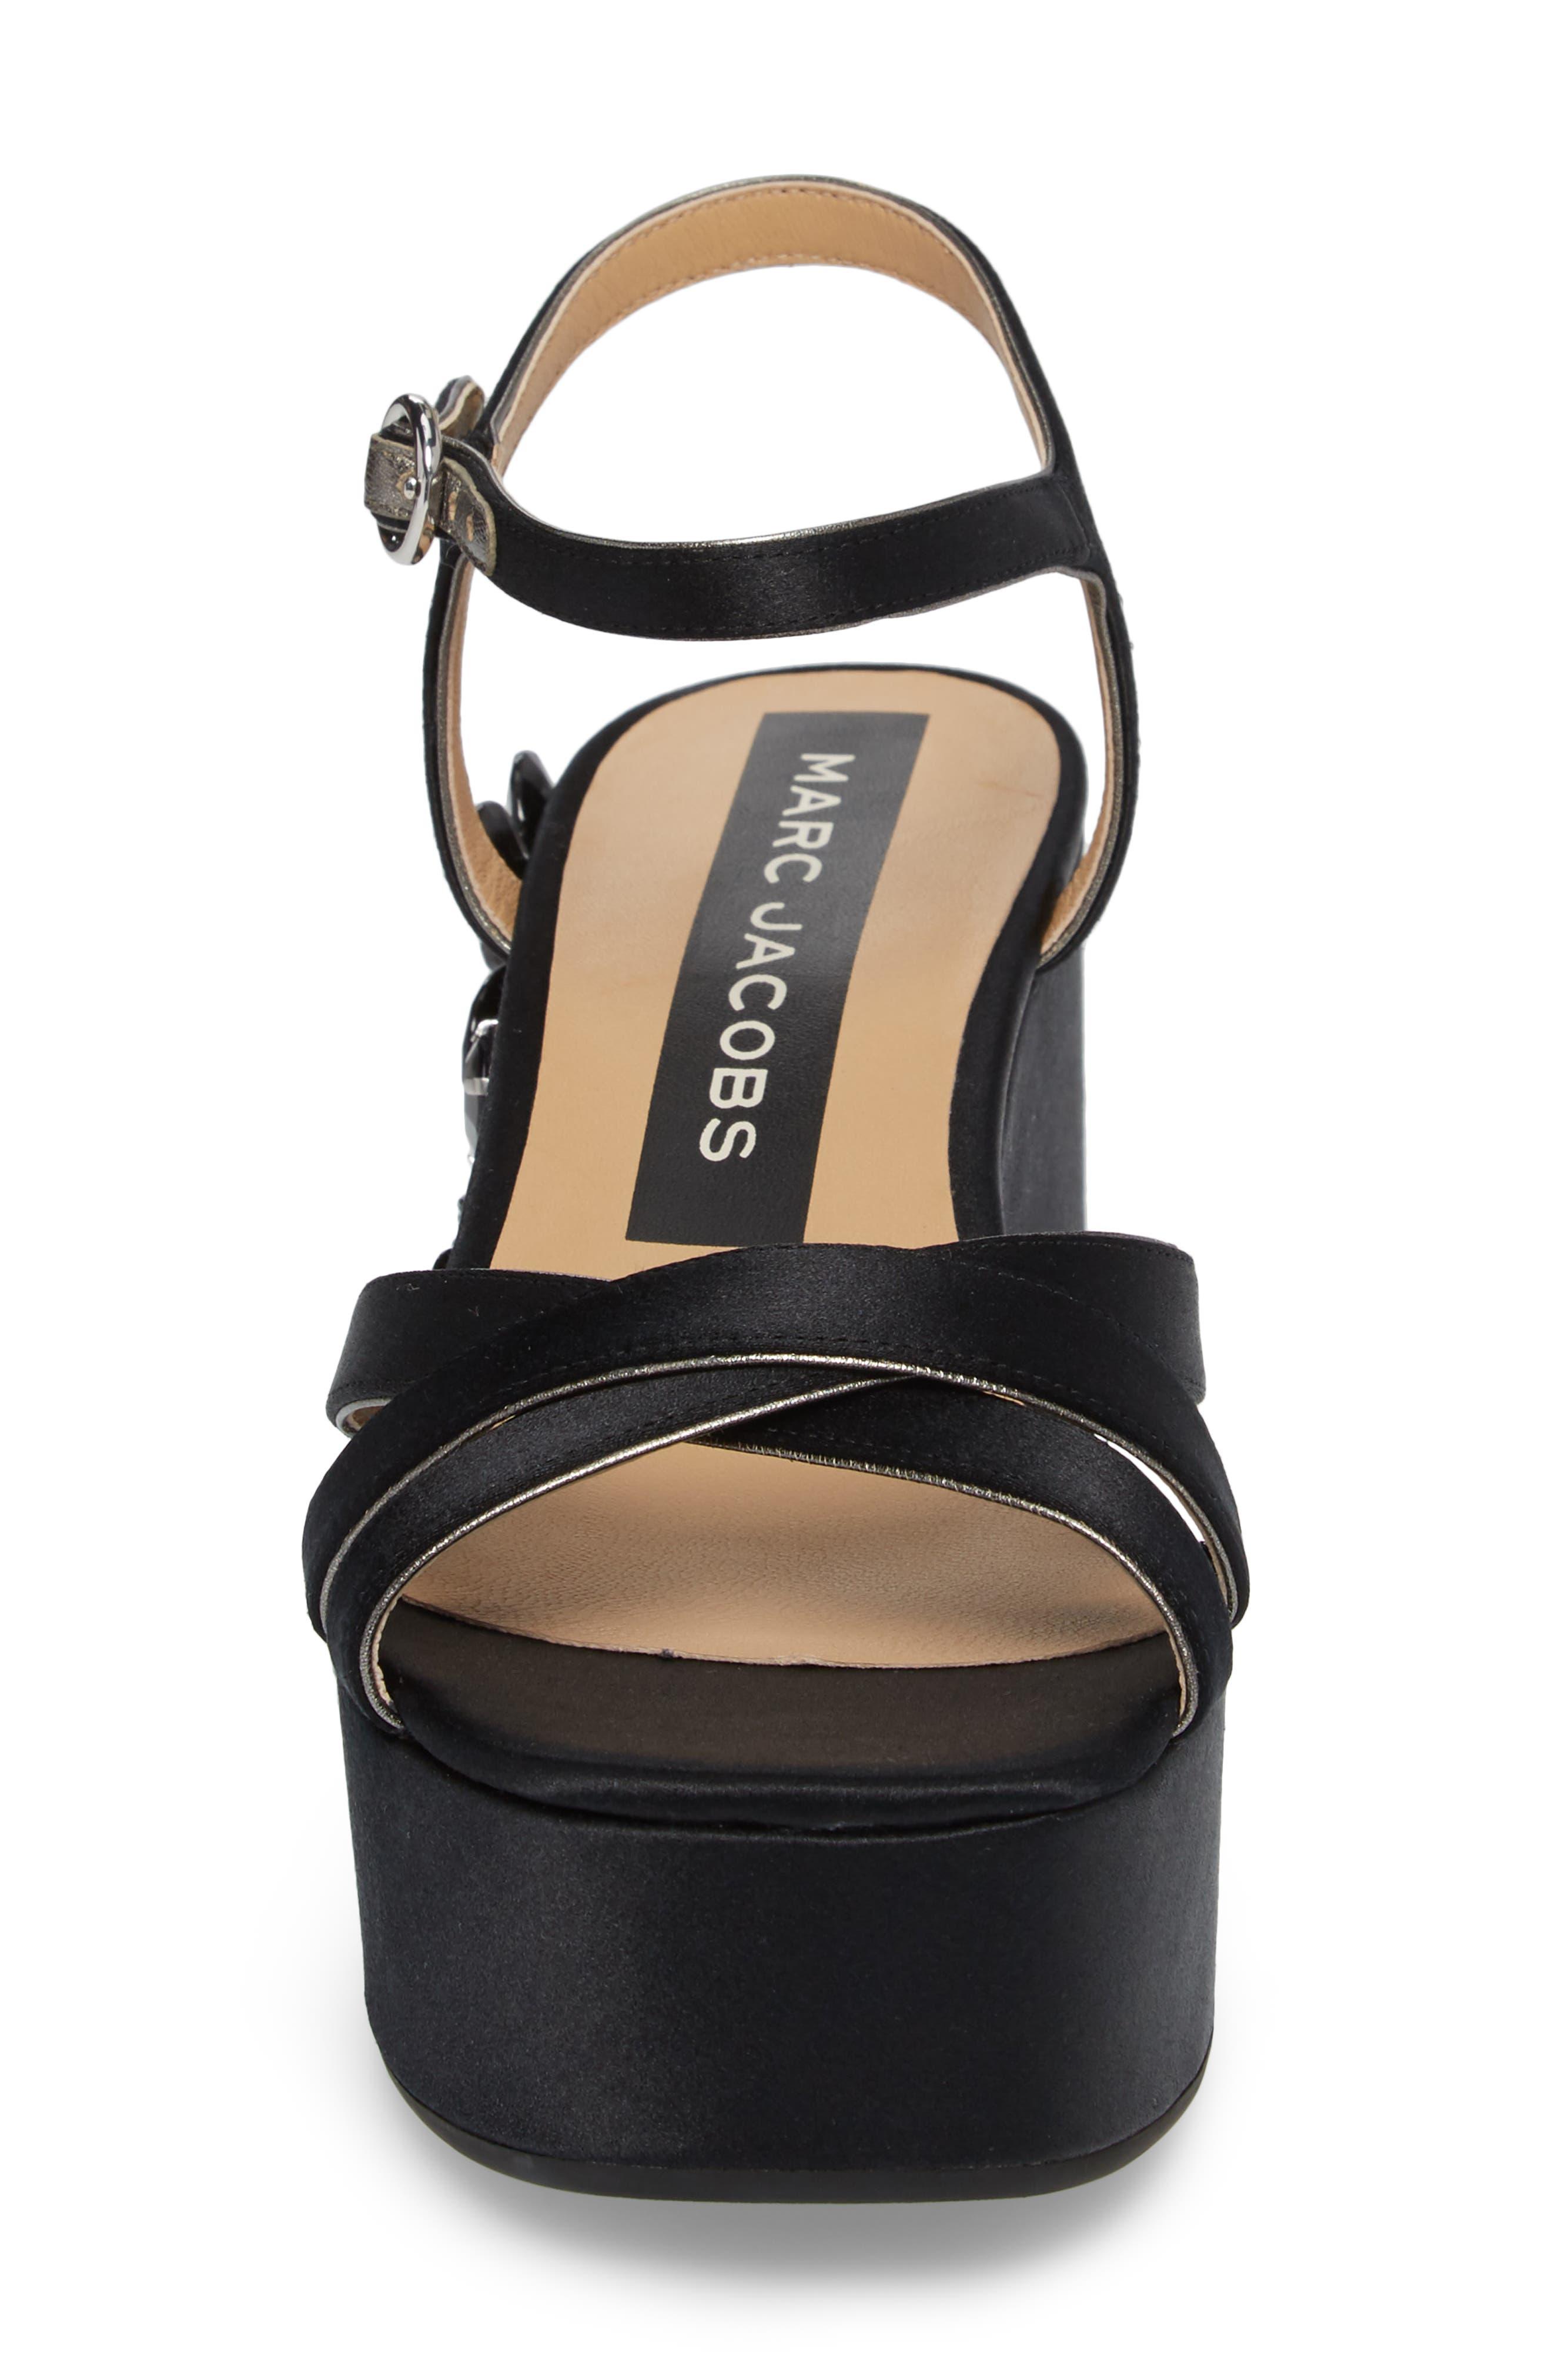 Callie Embellished Platform Sandal,                             Alternate thumbnail 4, color,                             Black